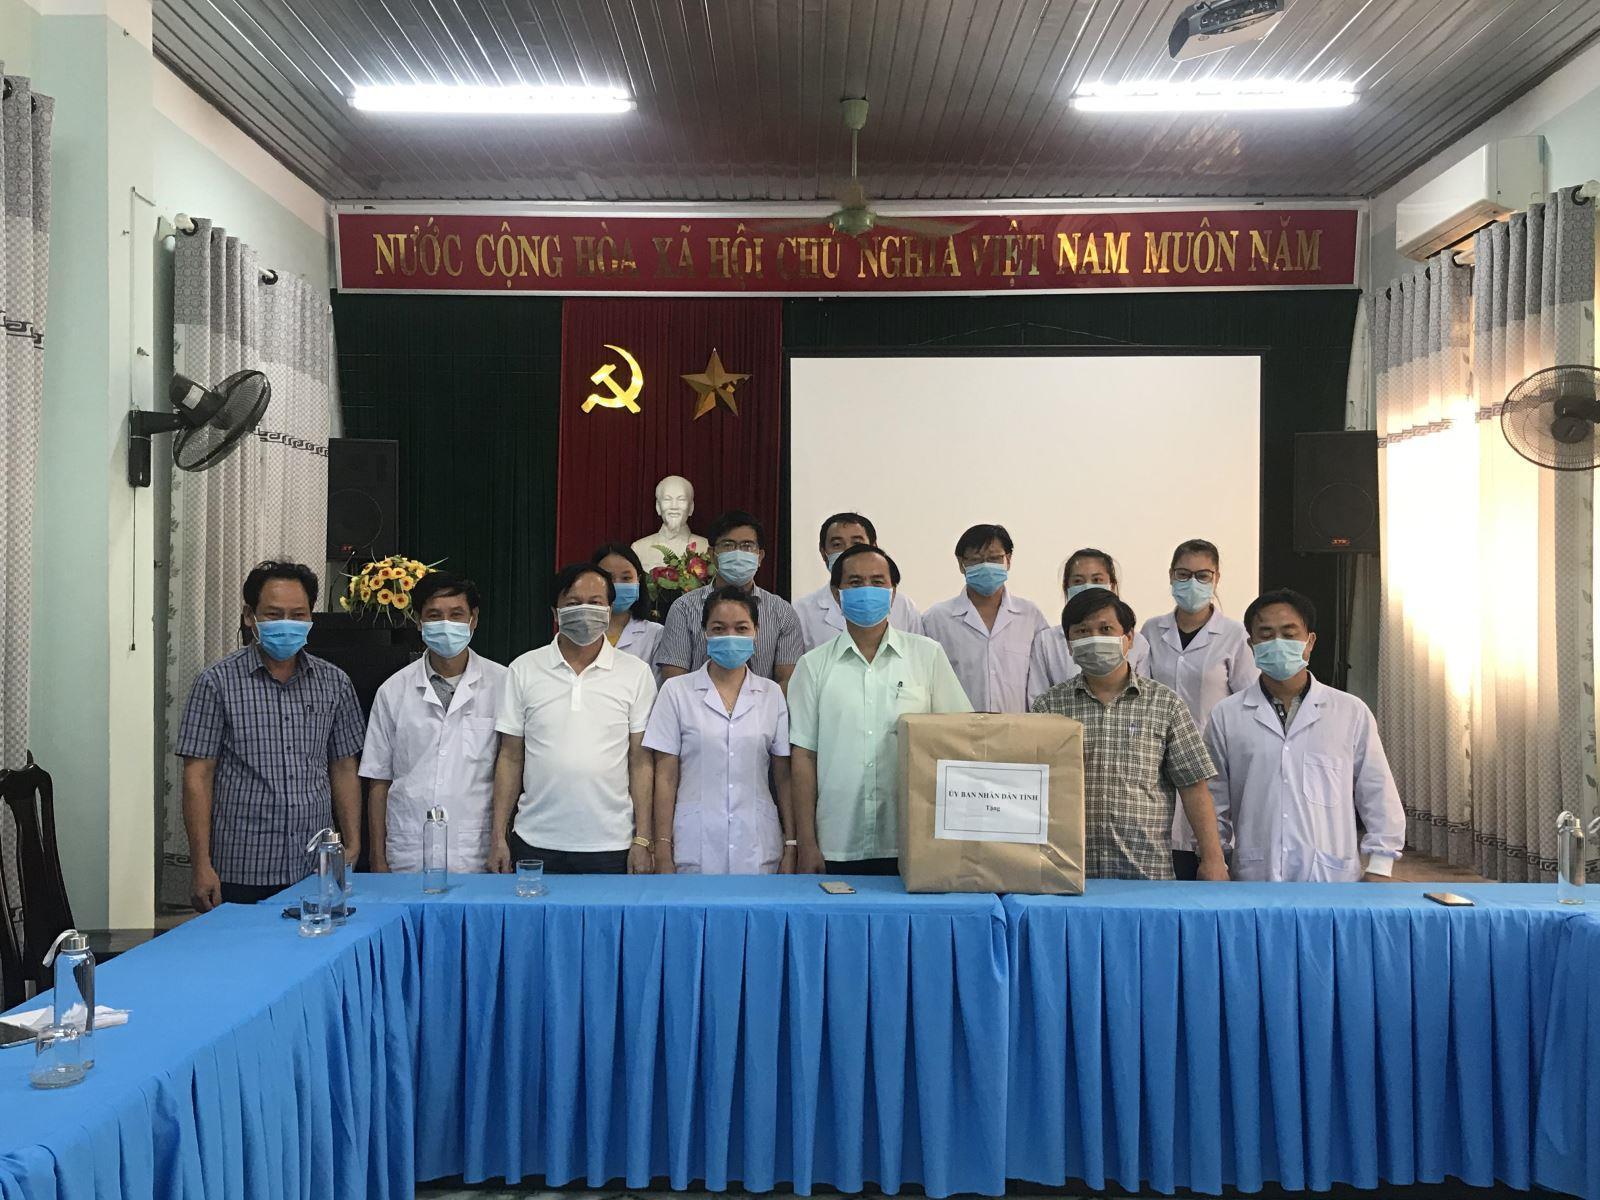 Chủ tịch UBND tỉnh Võ Văn Hưng thăm Trung tâm Kiểm soát bệnh tật tỉnh